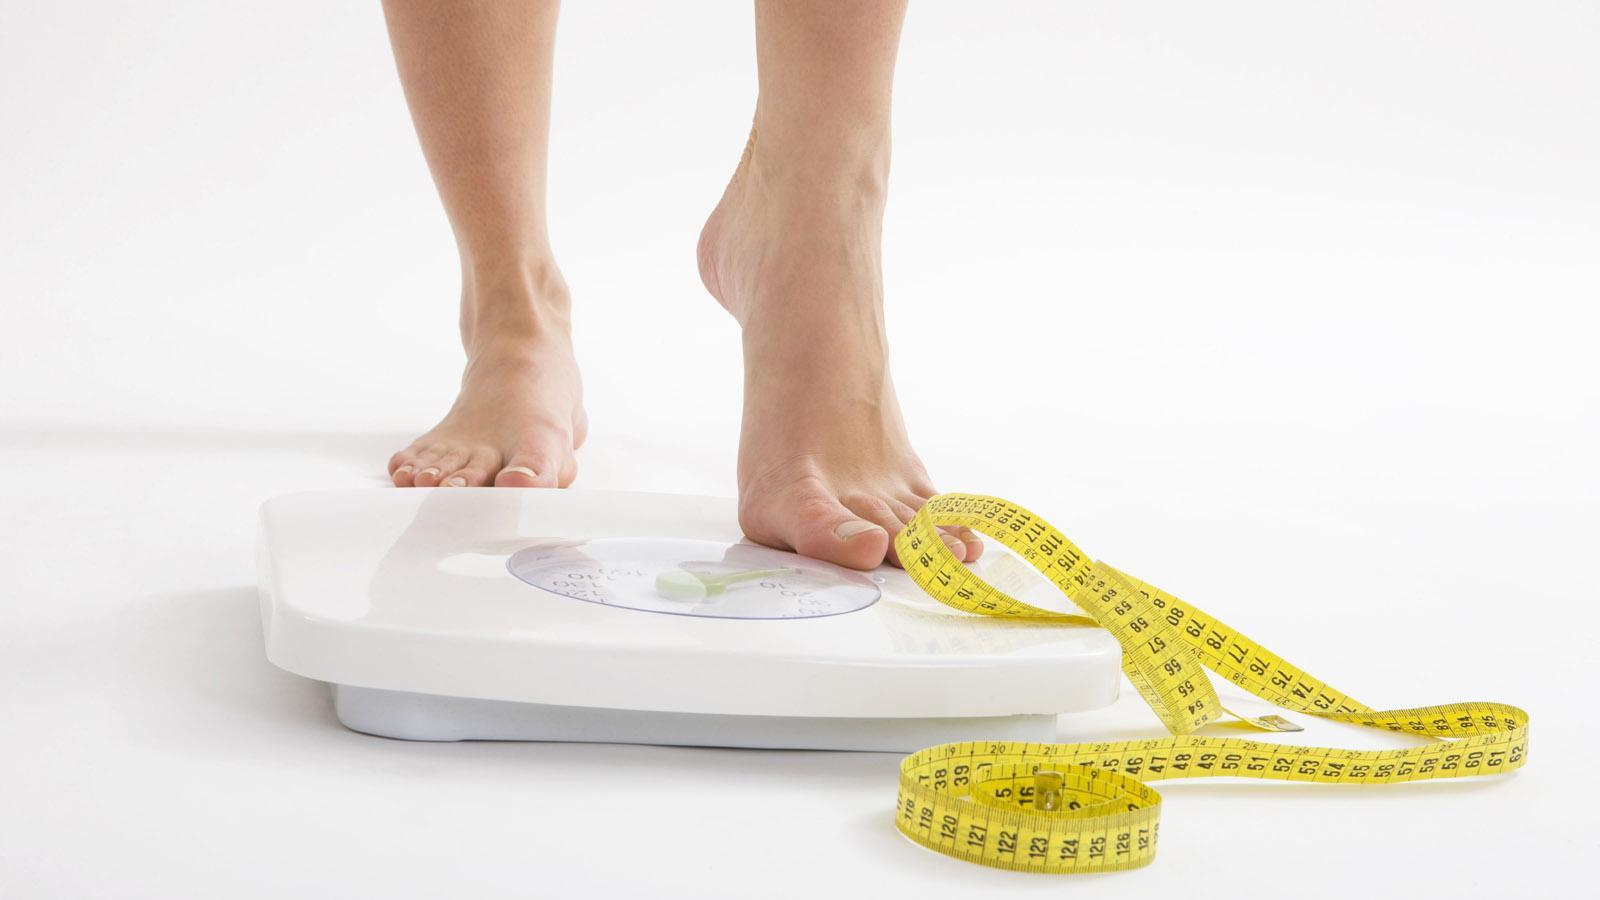 Collagen giúp tăng cơ, giảm mỡ, kiểm soát cân nặng hiệu quả